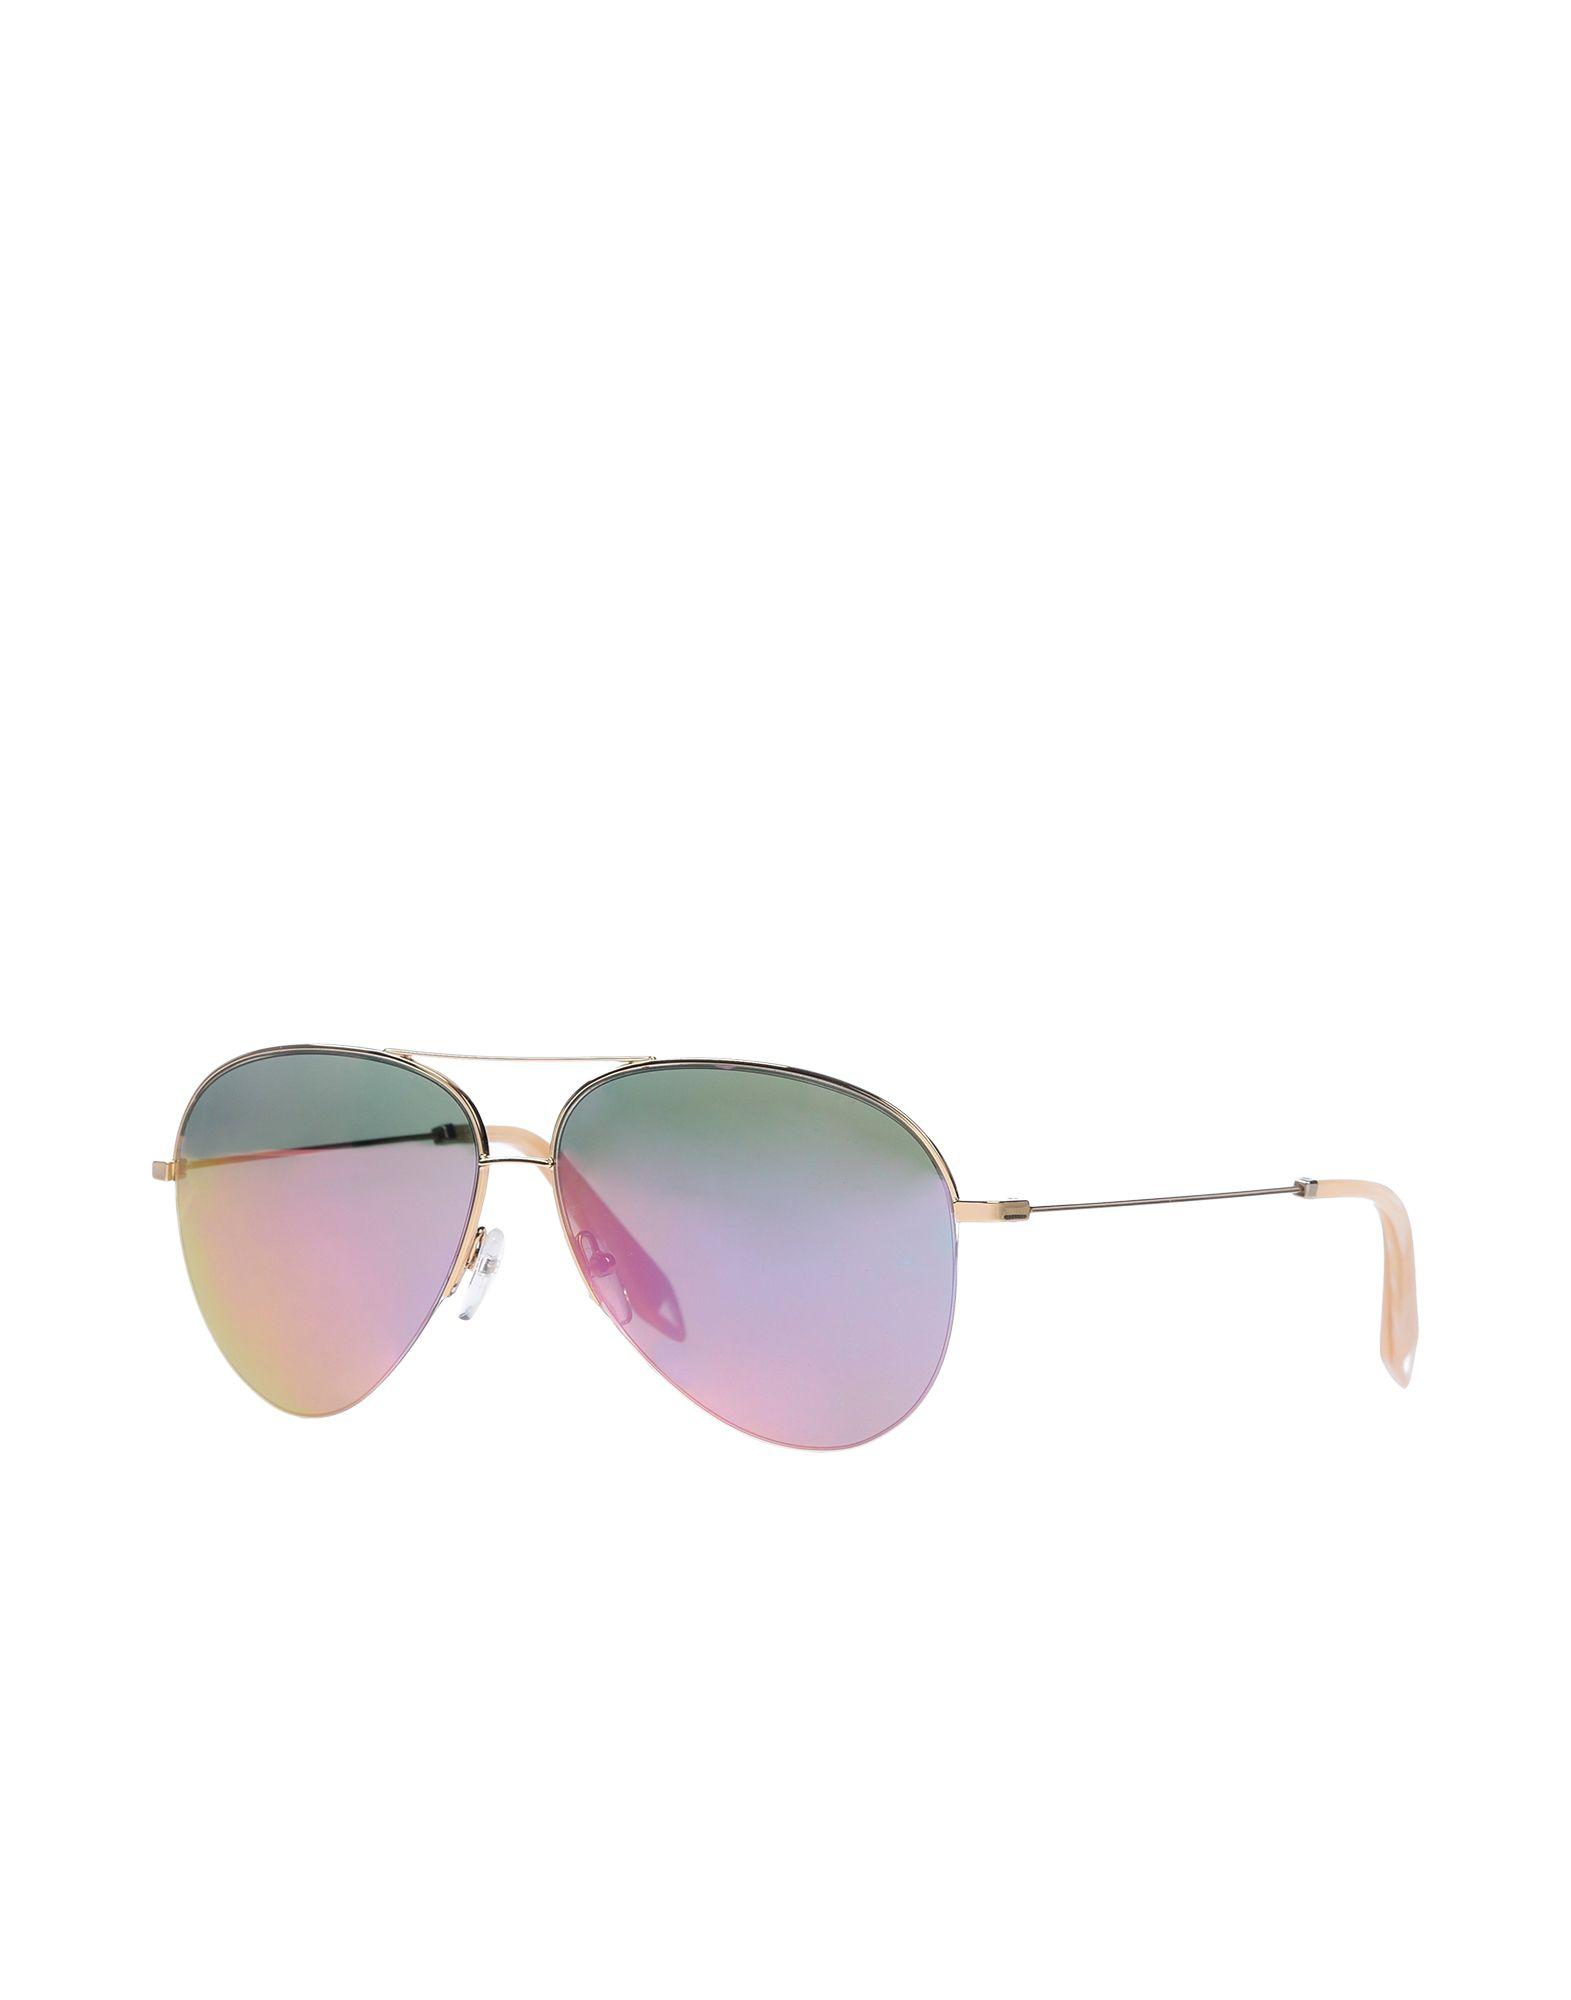 VICTORIA BECKHAM Sunglasses - Item 46656402